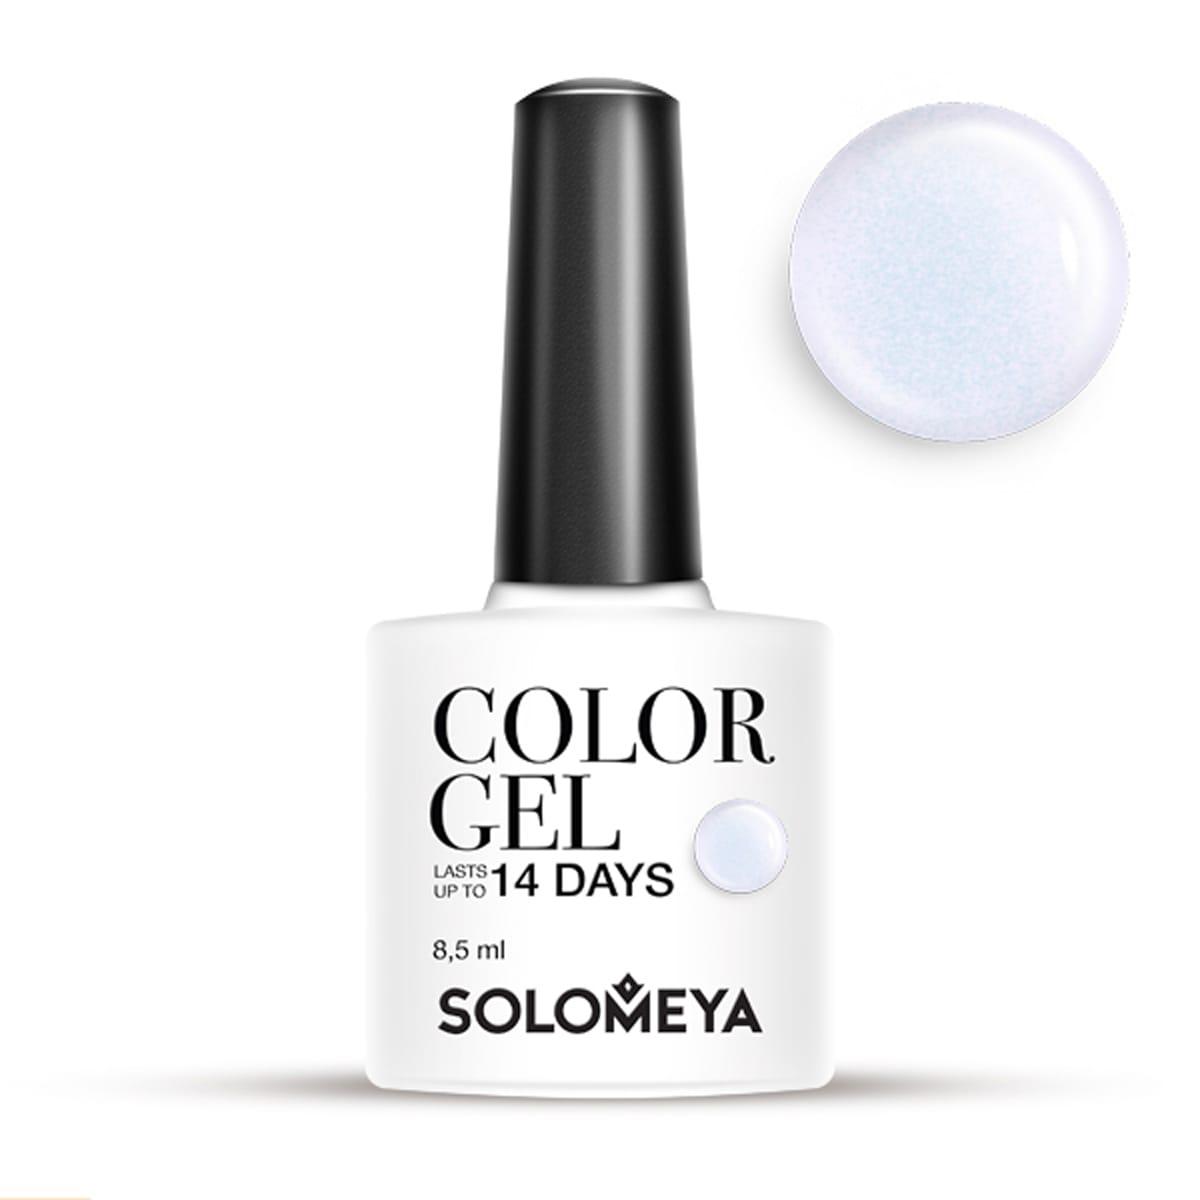 SOLOMEYA Гель-лак Solomeya Color Gel Lilac SCG122/Нежно-лиловый 8,5 мл